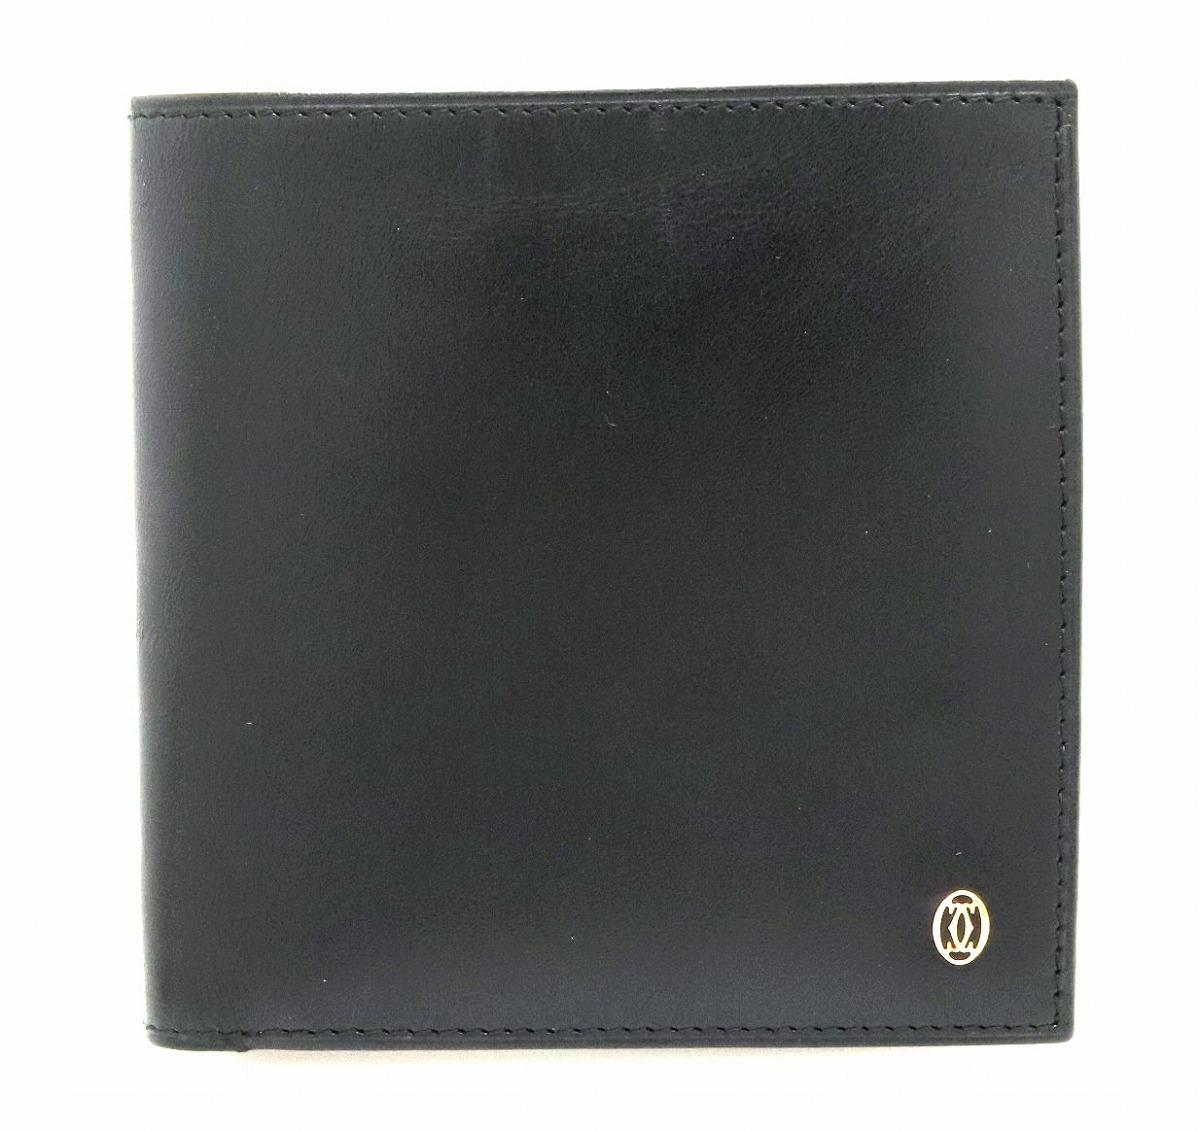 【財布】Cartier カルティエ パシャライン パシャ ドゥ カルティエ 2つ折財布 カーフレザー 黒 ブラック ゴールド金具 L3000137 【中古】【k】